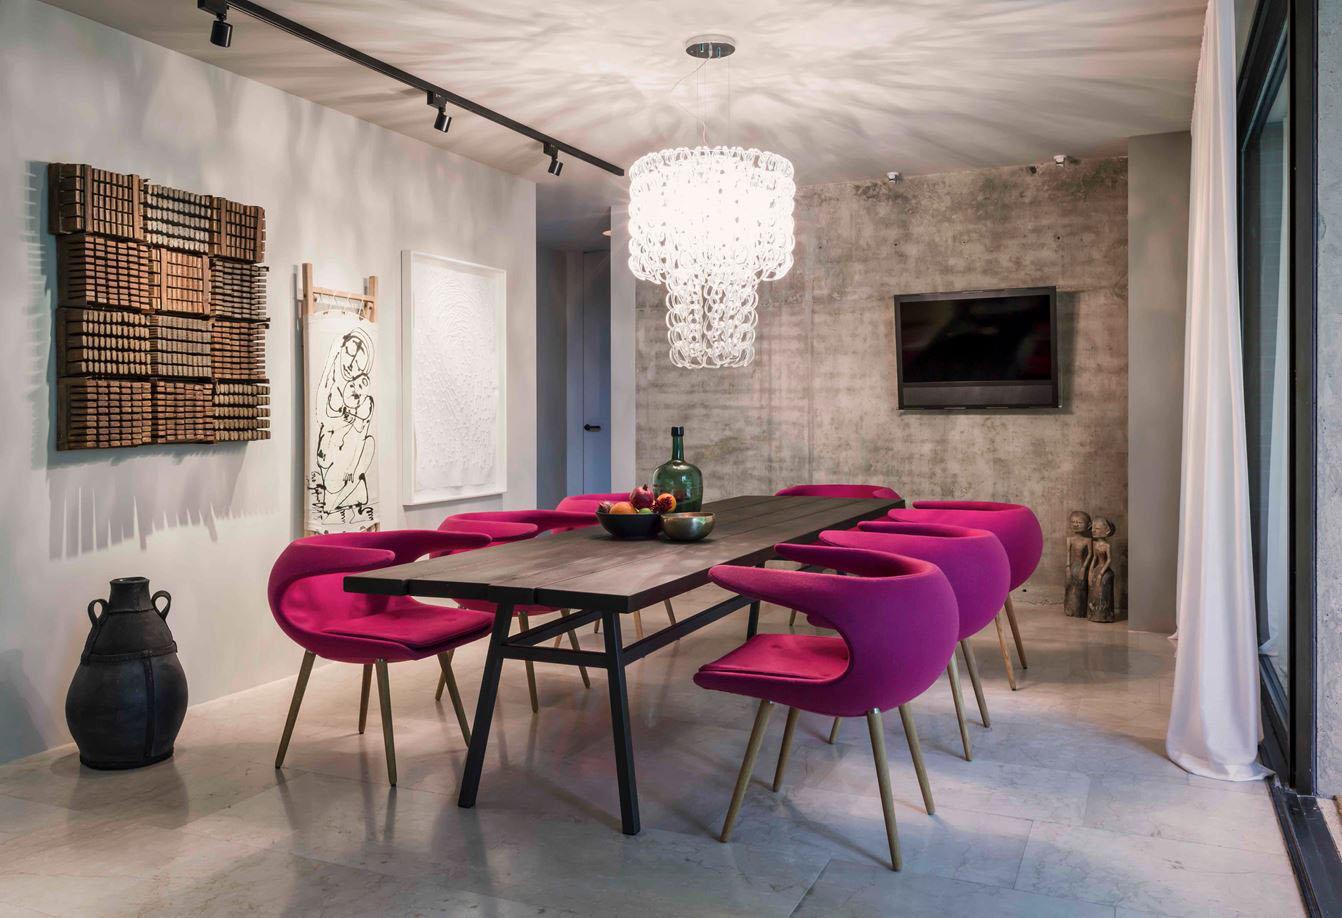 Hunian dengan desain interior kontemporer - source: idesignarch.com